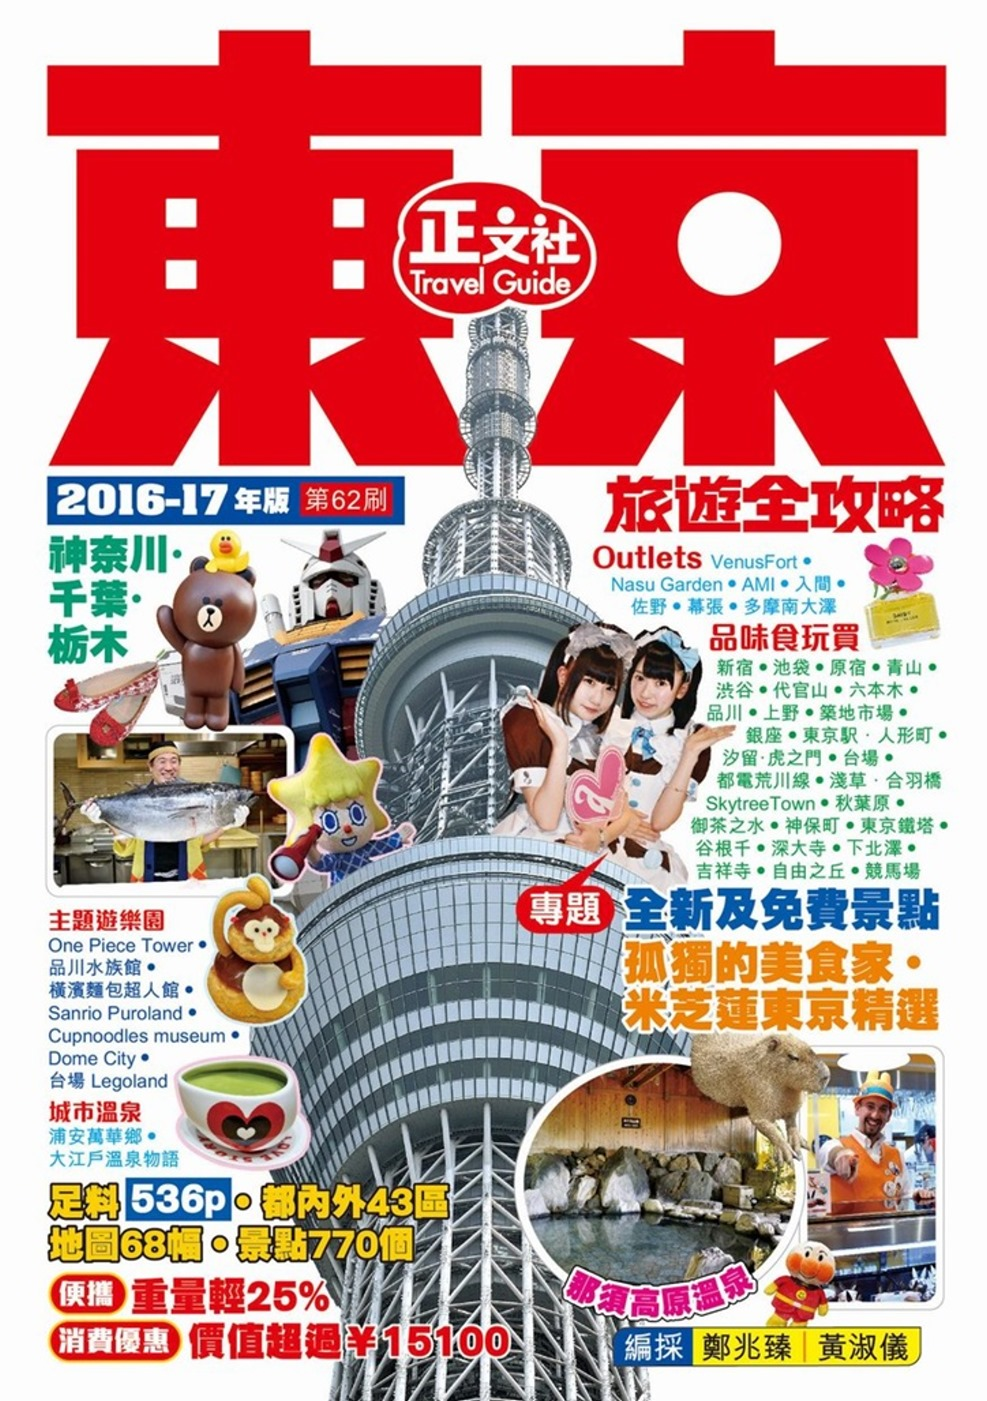 東京旅遊全攻略2016-17年版(第62刷)